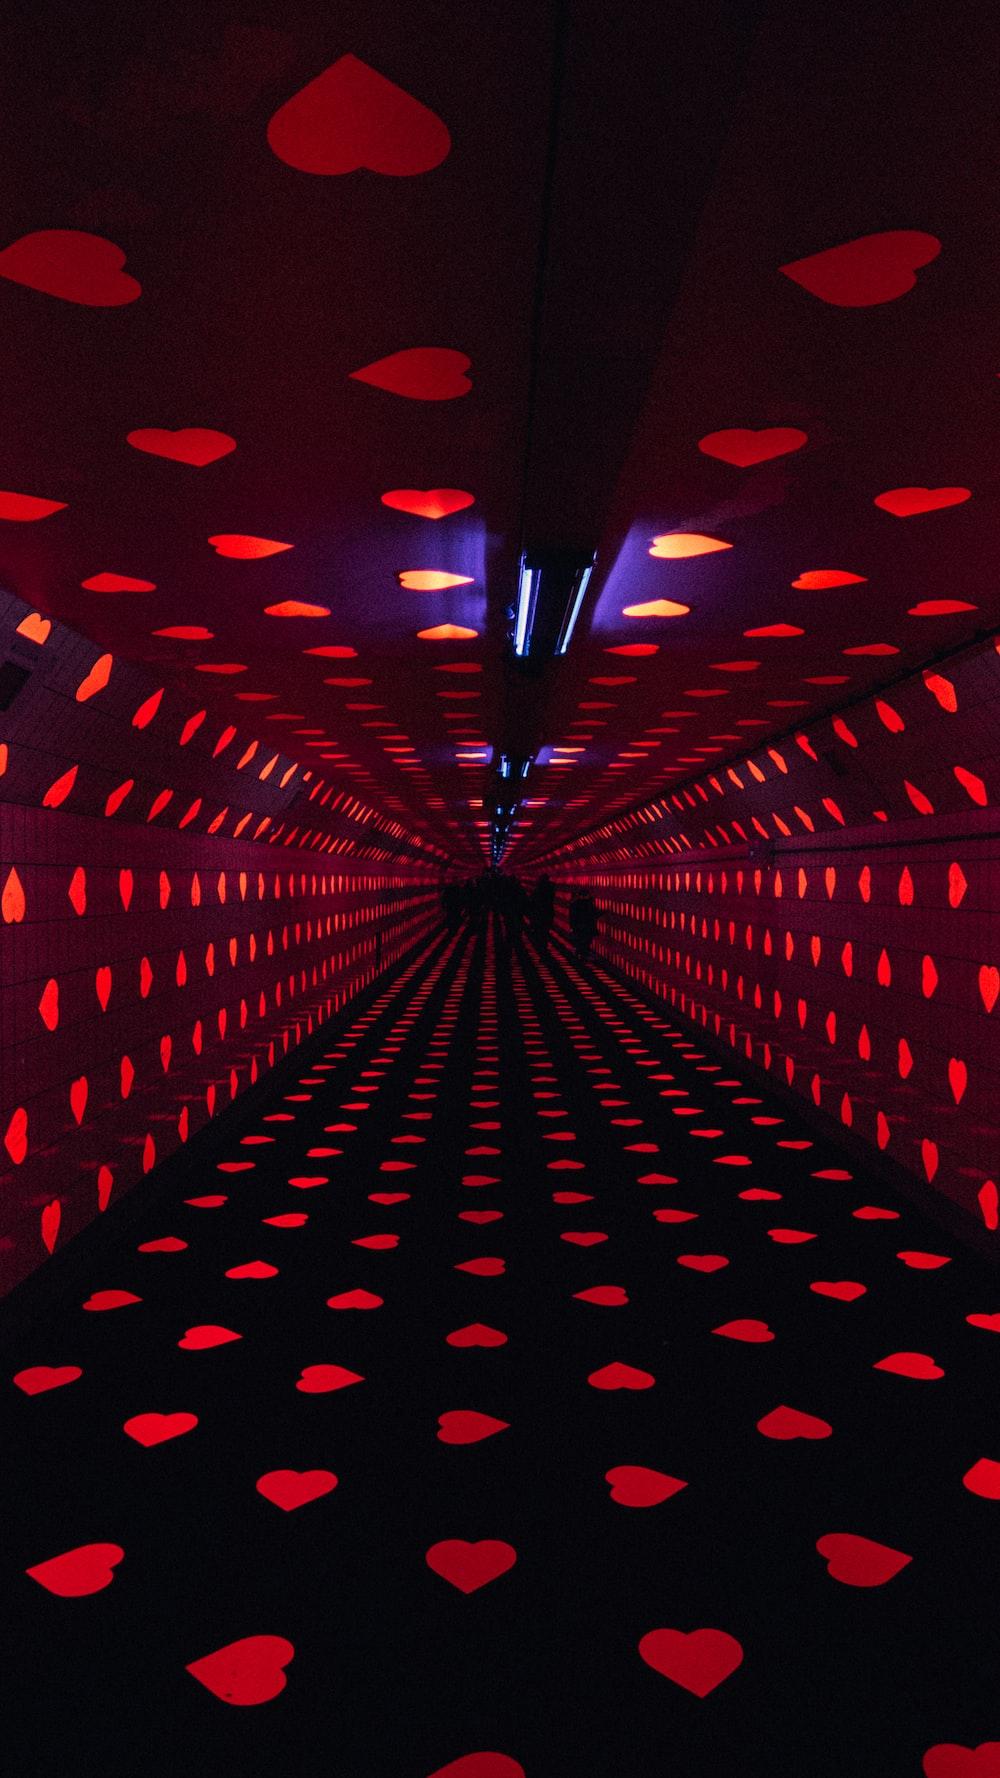 luces rojas del corazón encendidas en la habitación